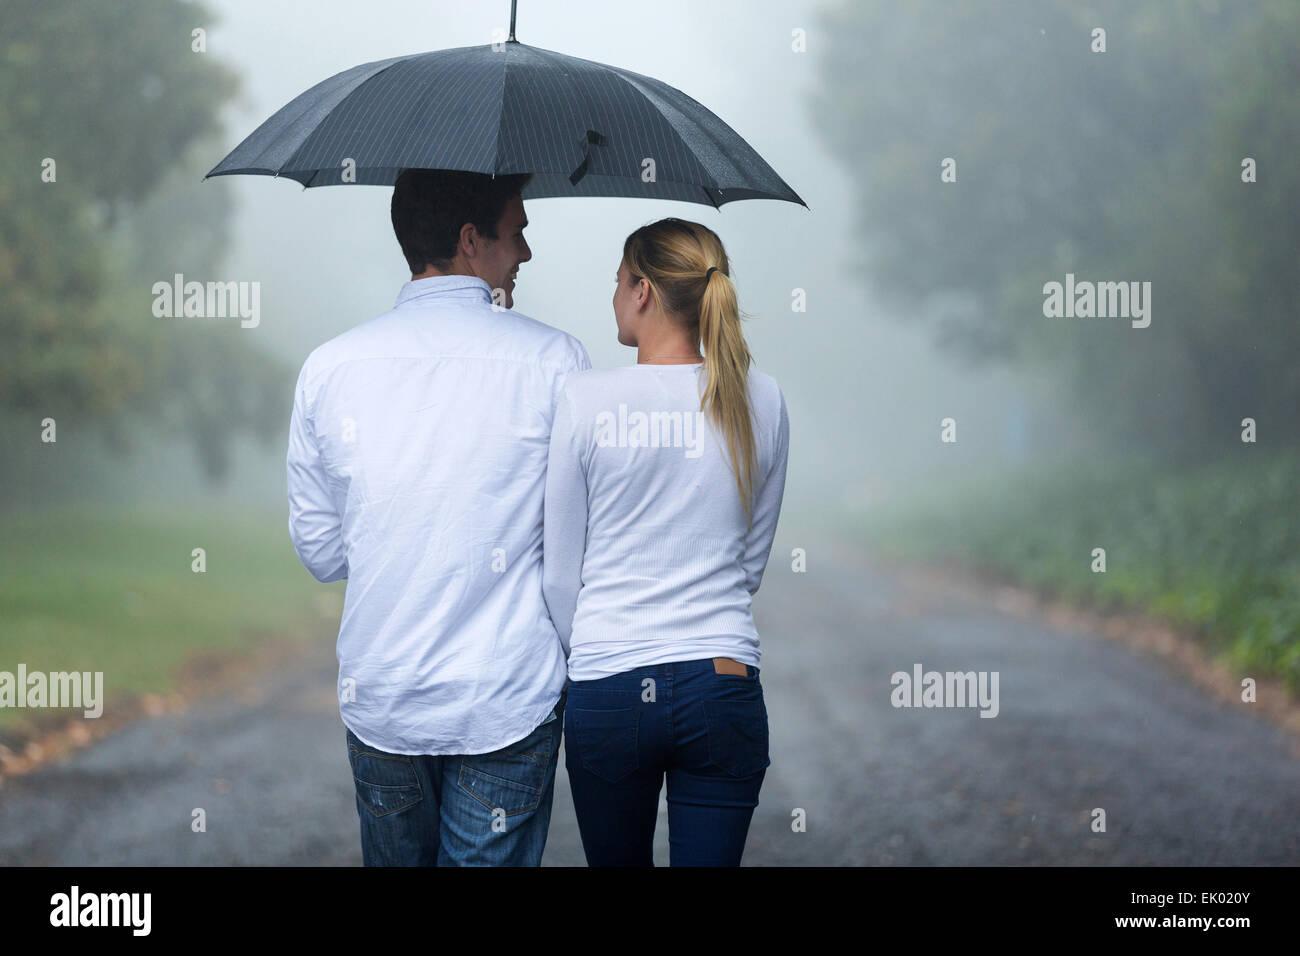 Vue arrière du couple romantique dans la pluie Photo Stock